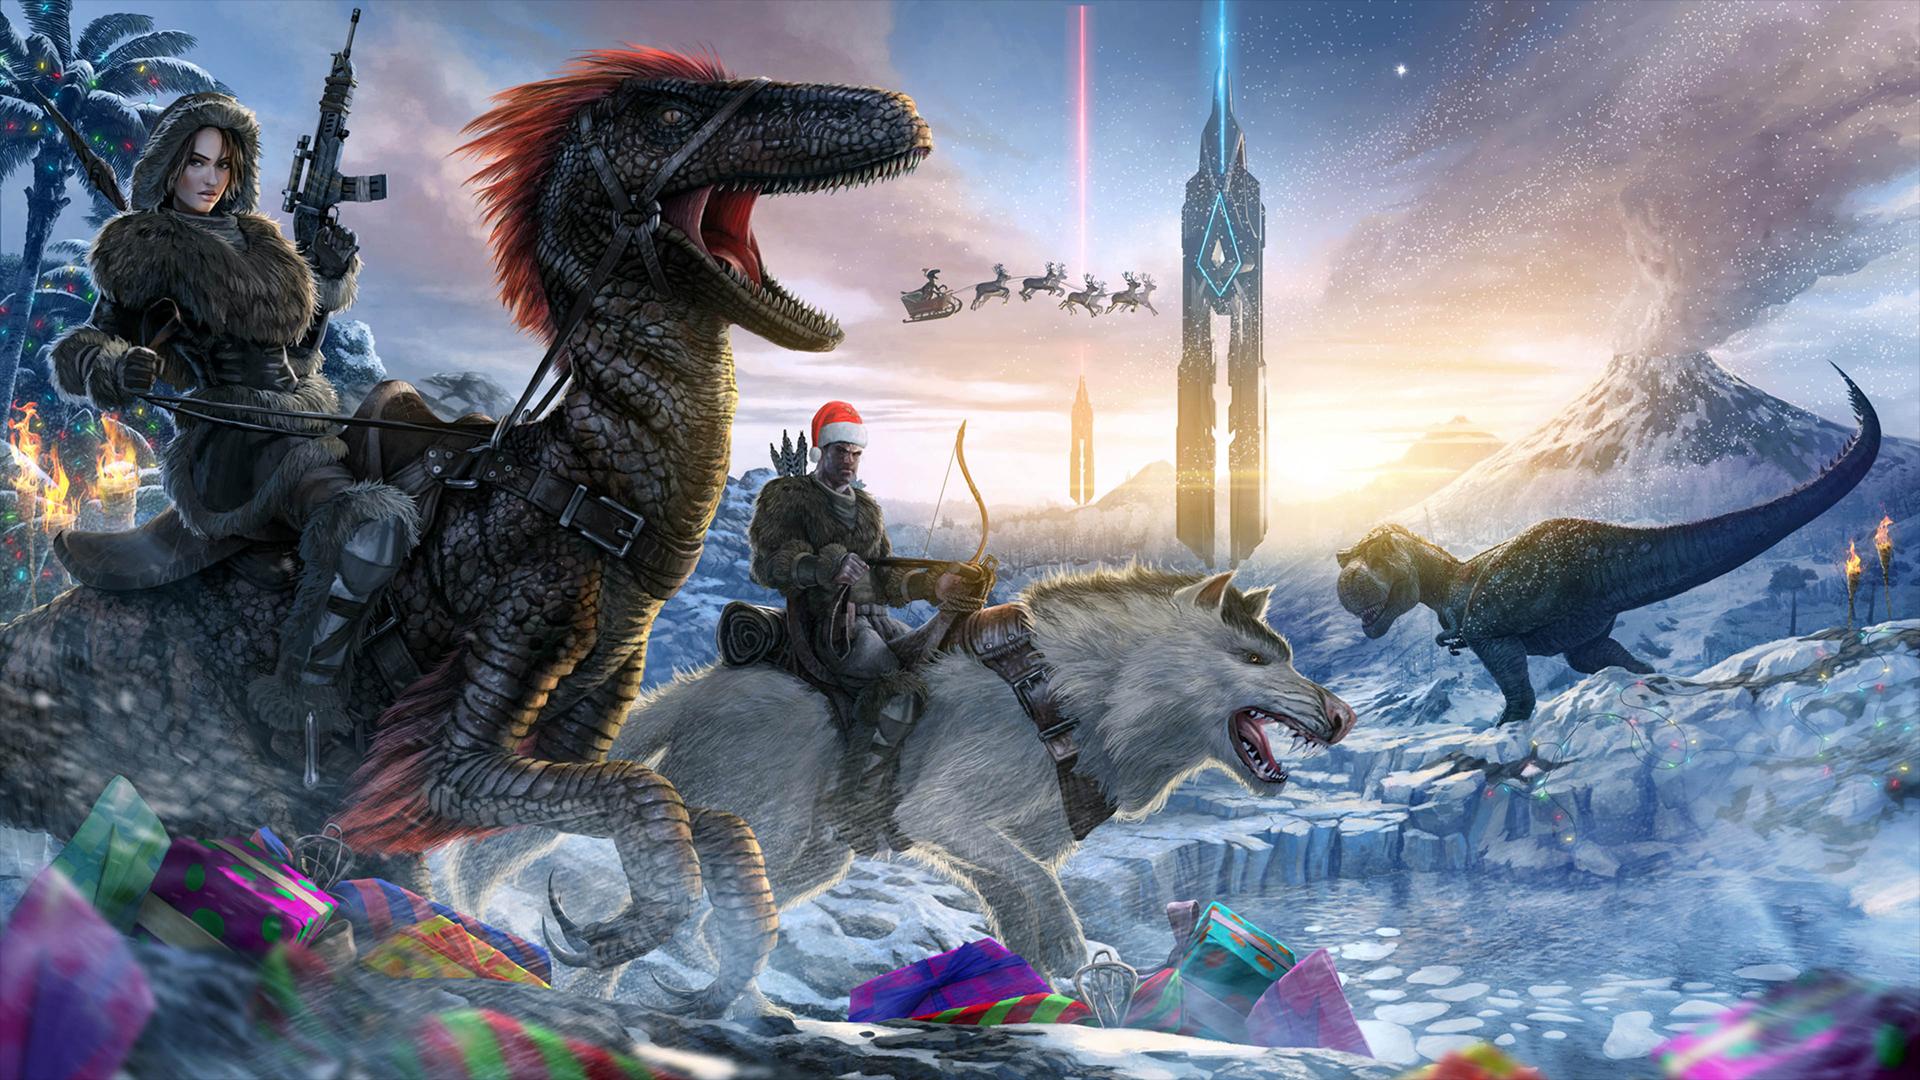 Christmas wallpaper from ARK: Survival Evolved Wallpaper ...